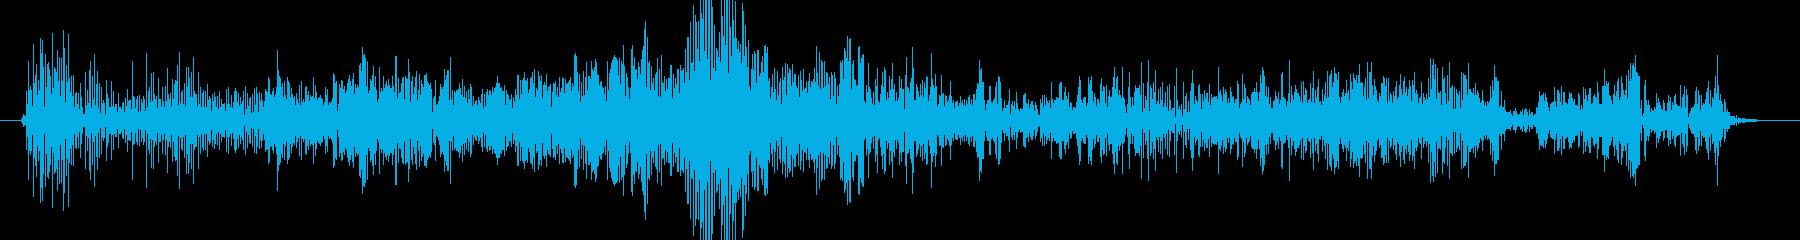 ノイズ ランブルグリッチロング02の再生済みの波形